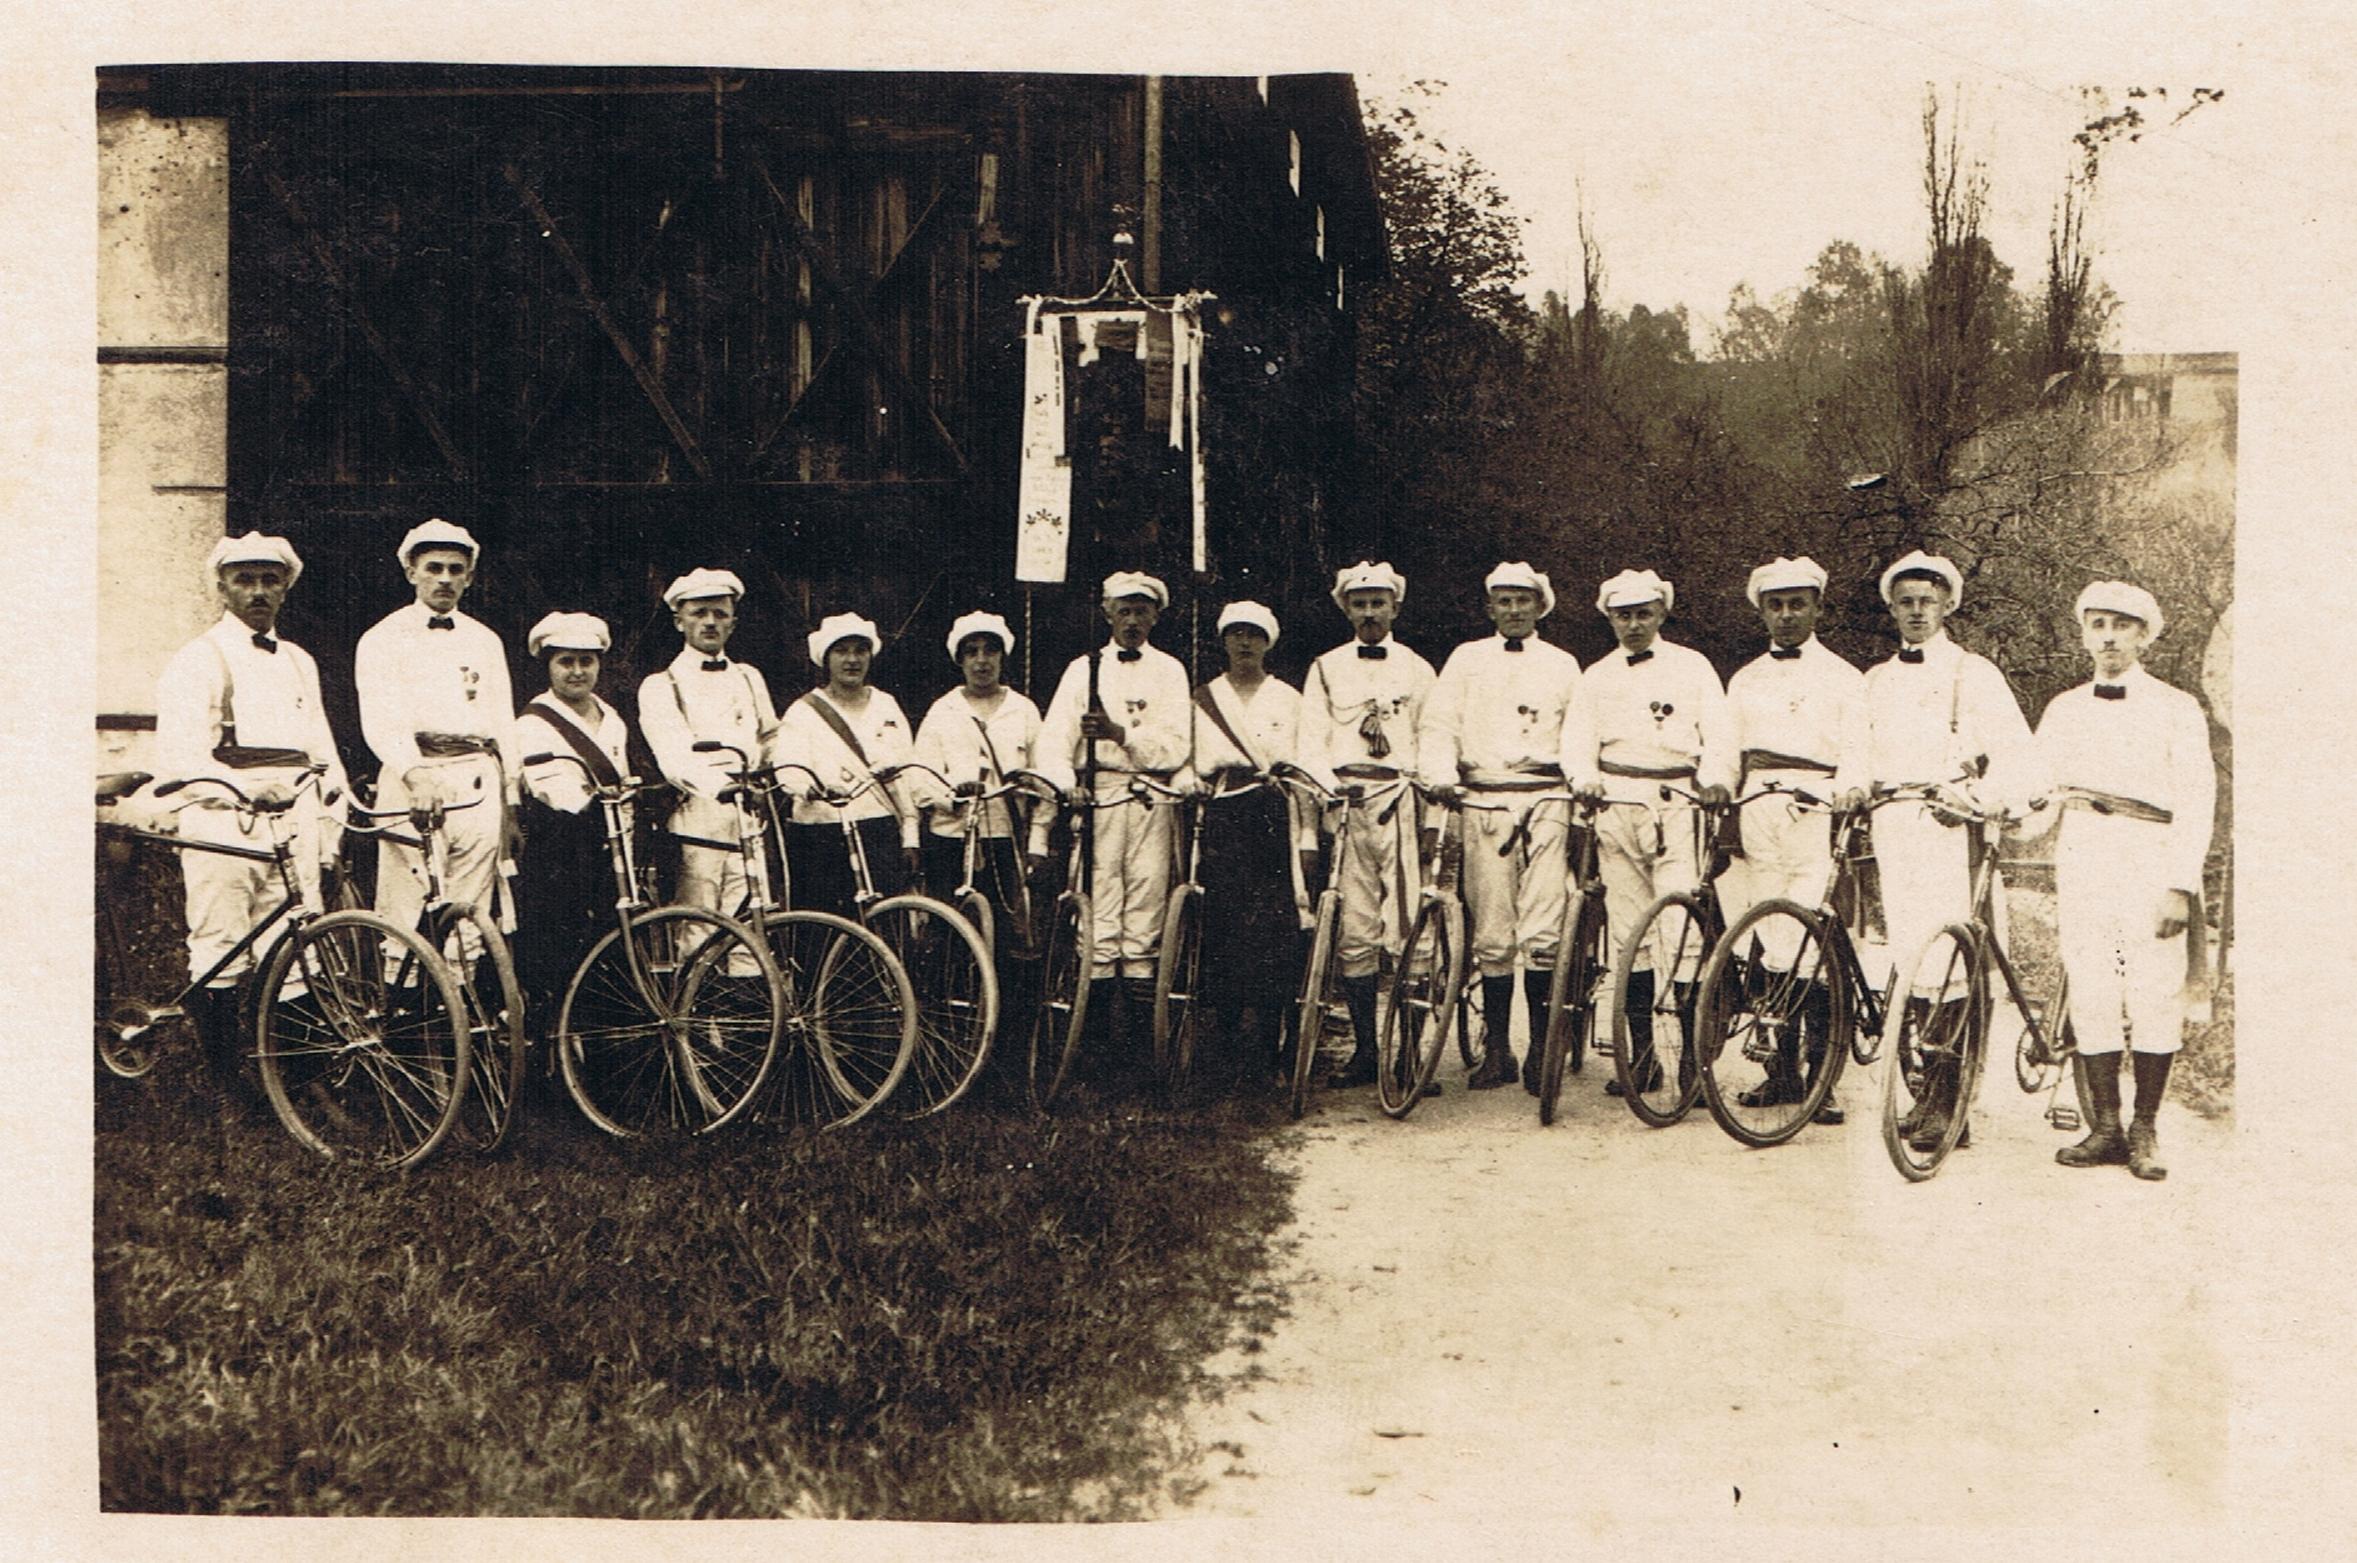 Historisches schwarz-weiss-Foto von einer Gruppe Radfahrer und Radfahrerinnen